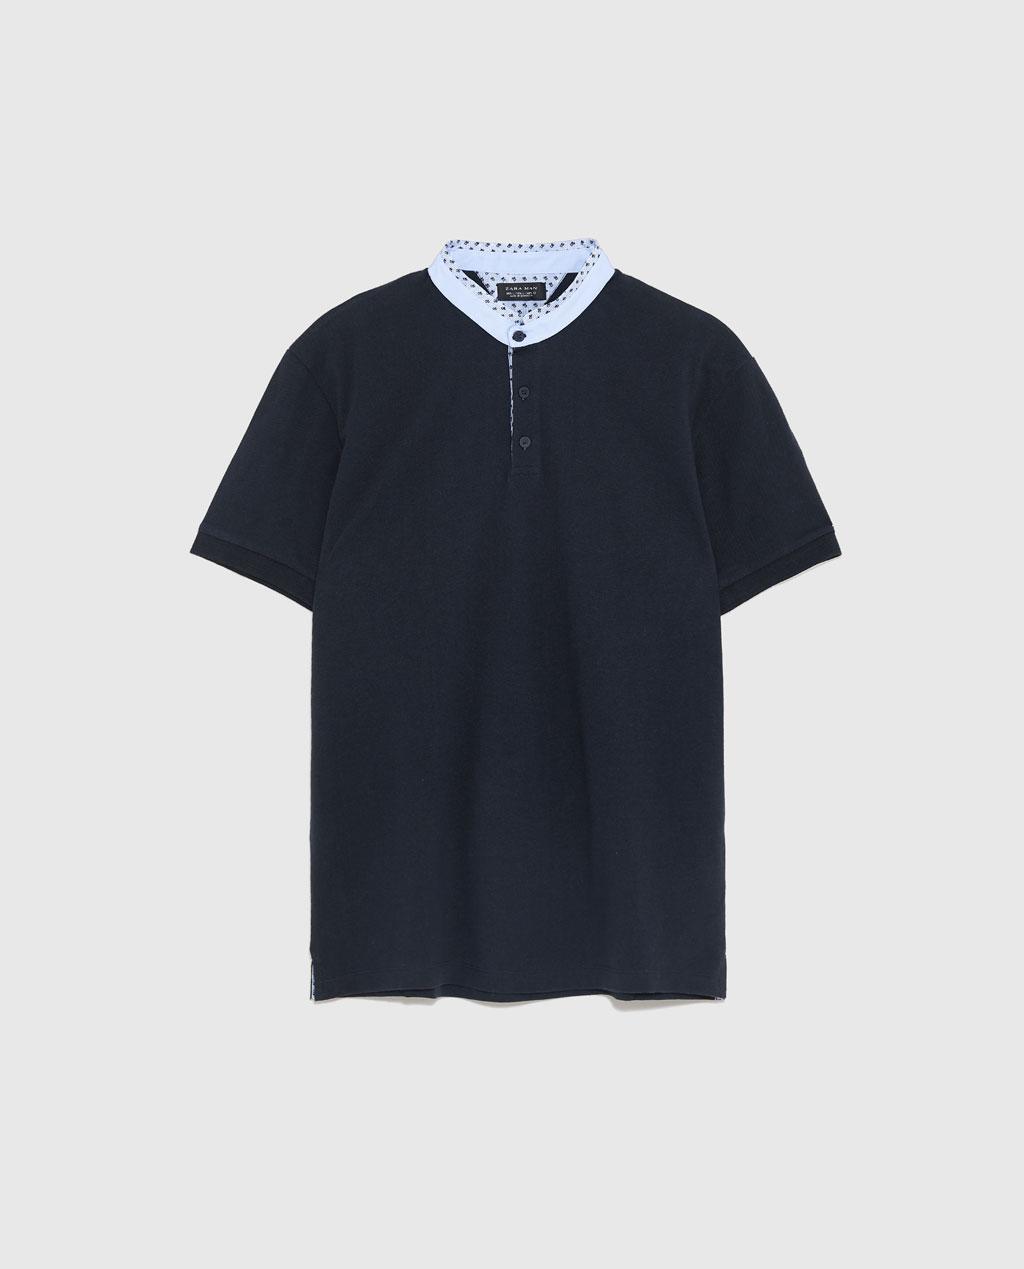 Thời trang nam Zara  24000 - ảnh 8